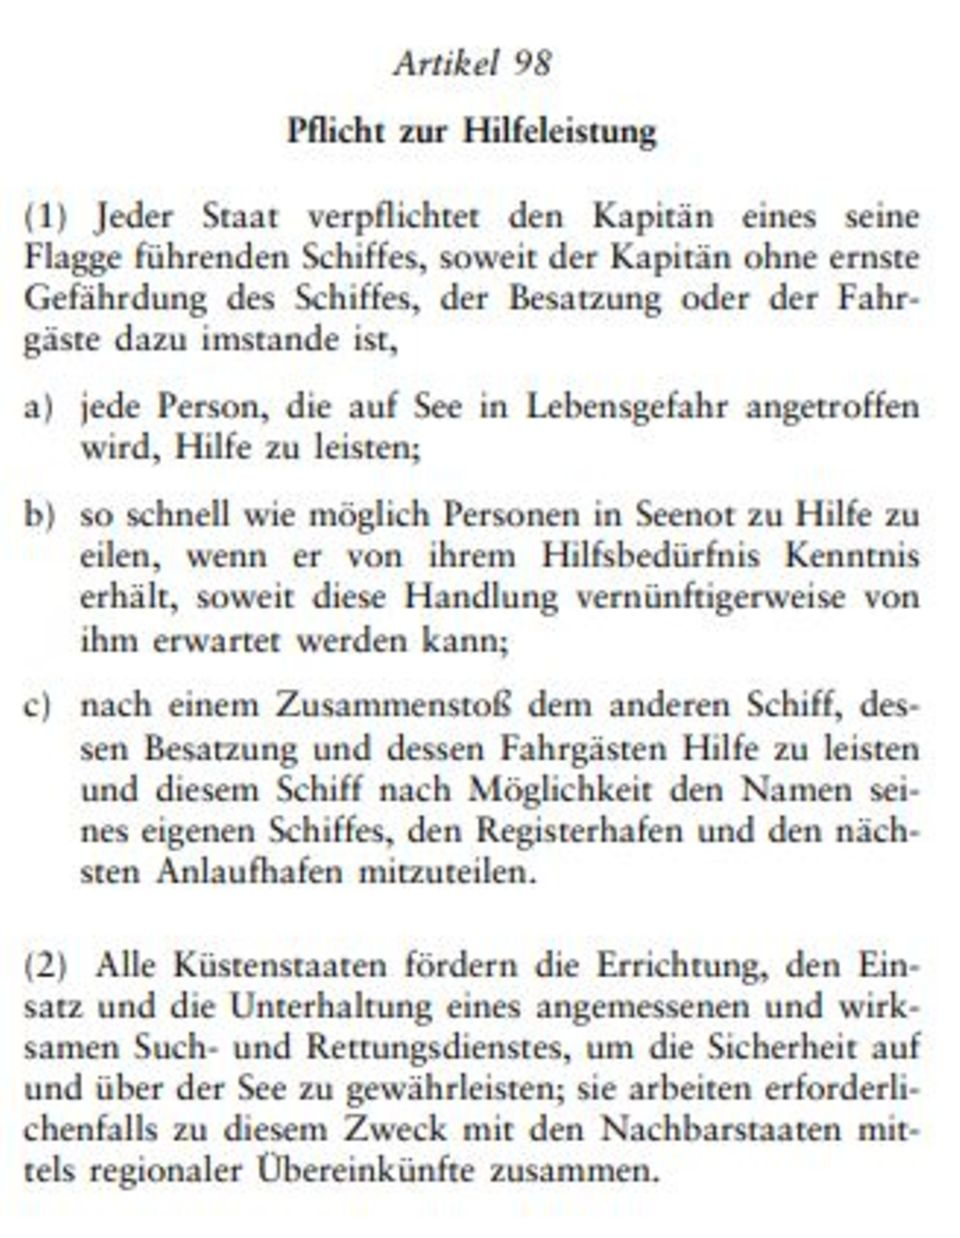 Artikel 98 desSeerechtsübereinkommens